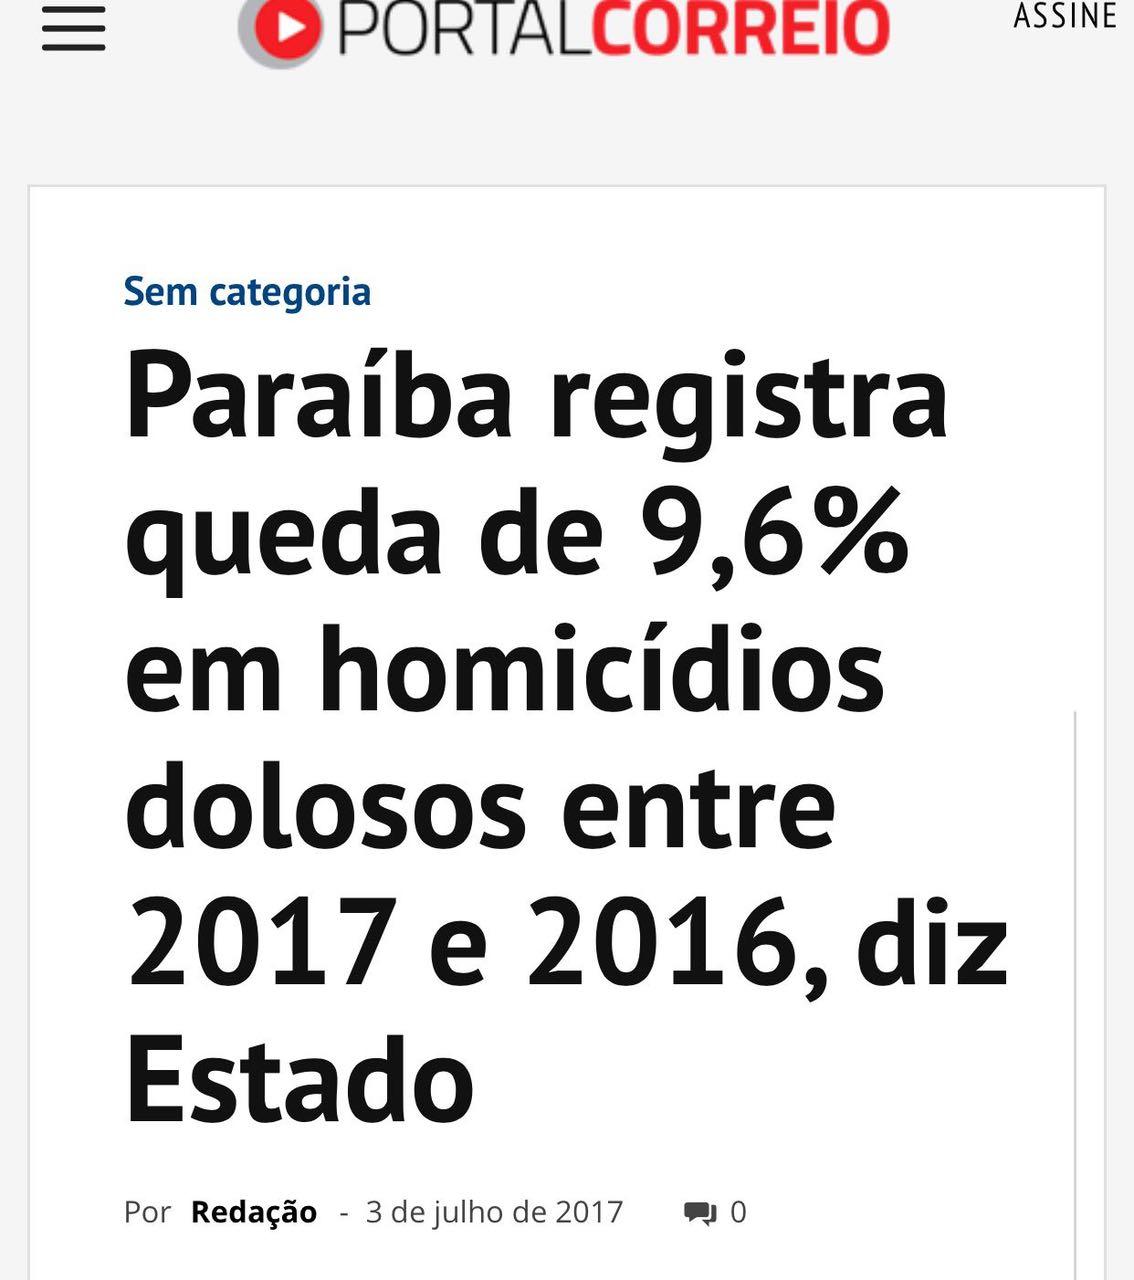 WhatsApp Image 2018 06 07 at 10.07.48 2 - ROBERTO JÁ ESCOLHEU UM LADO: Sistema Correio abre as 'baterias' contra o Governo Ricardo Coutinho